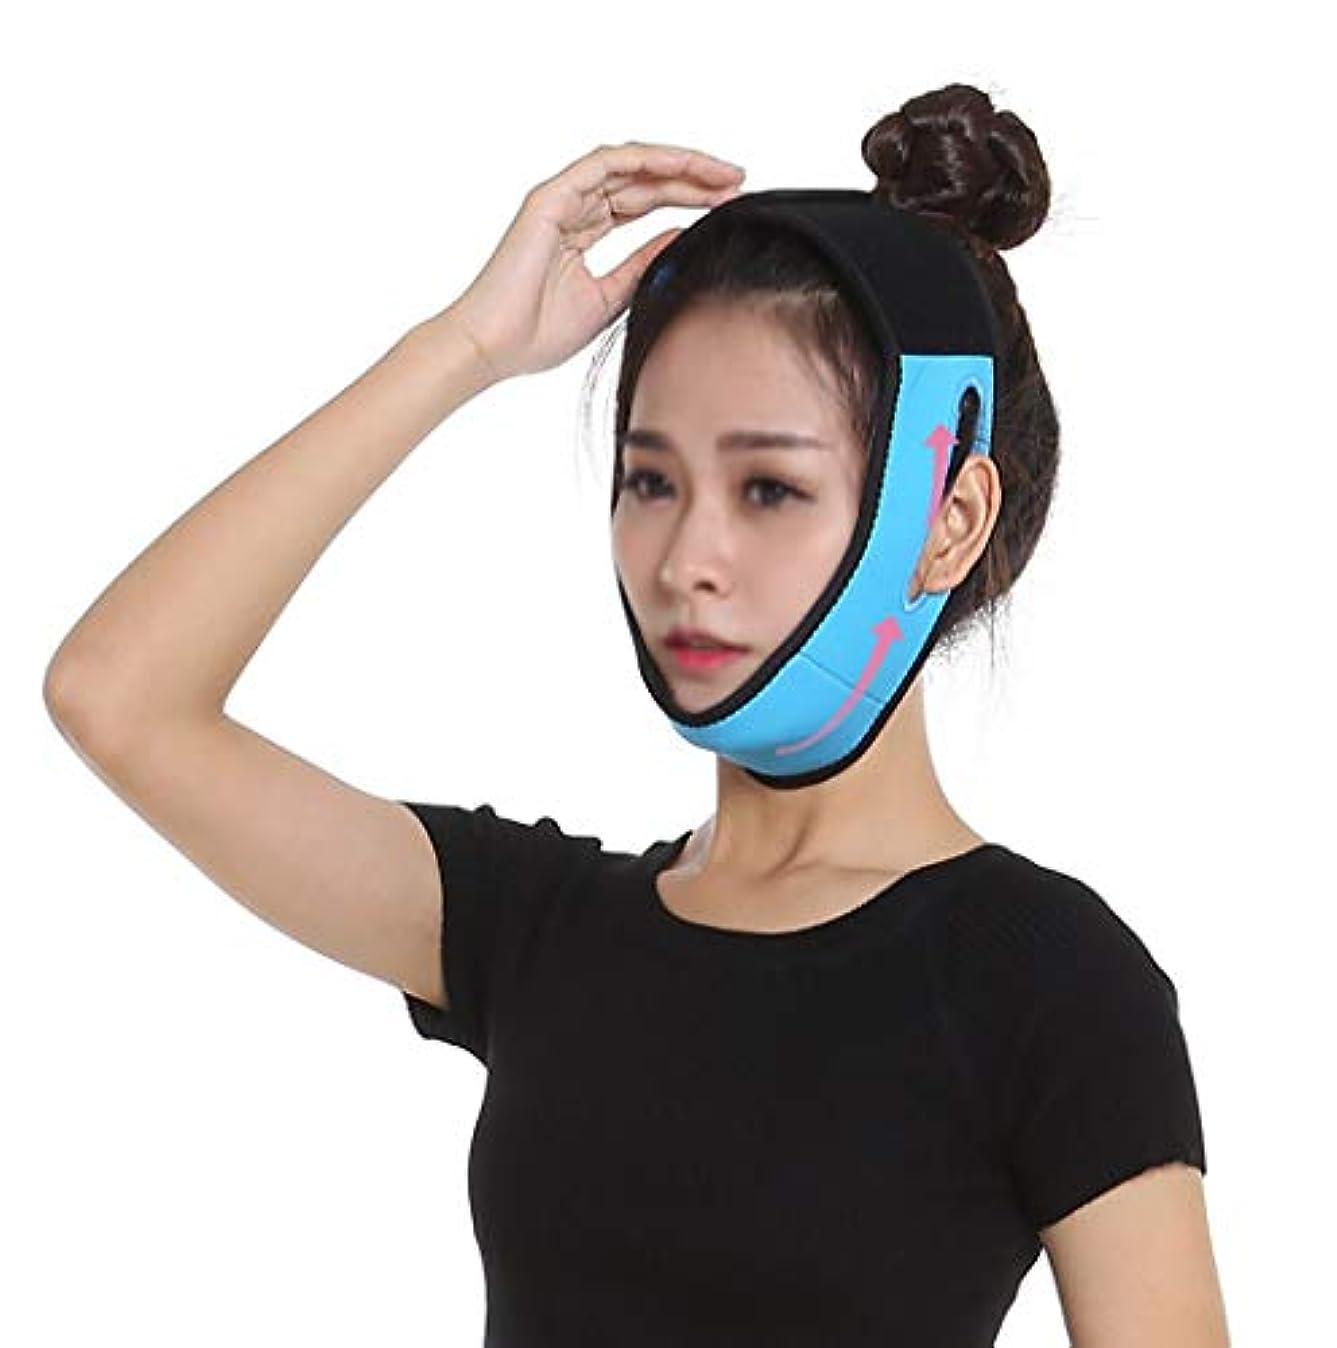 高音鹿リーダーシップGLJJQMY 痩身ベルトマスクVフェイシャルアーティファクトマッサージマスクあごの筋肉の収縮を強化し、簡単にV面タイトブルータイト包帯を形作る 顔用整形マスク